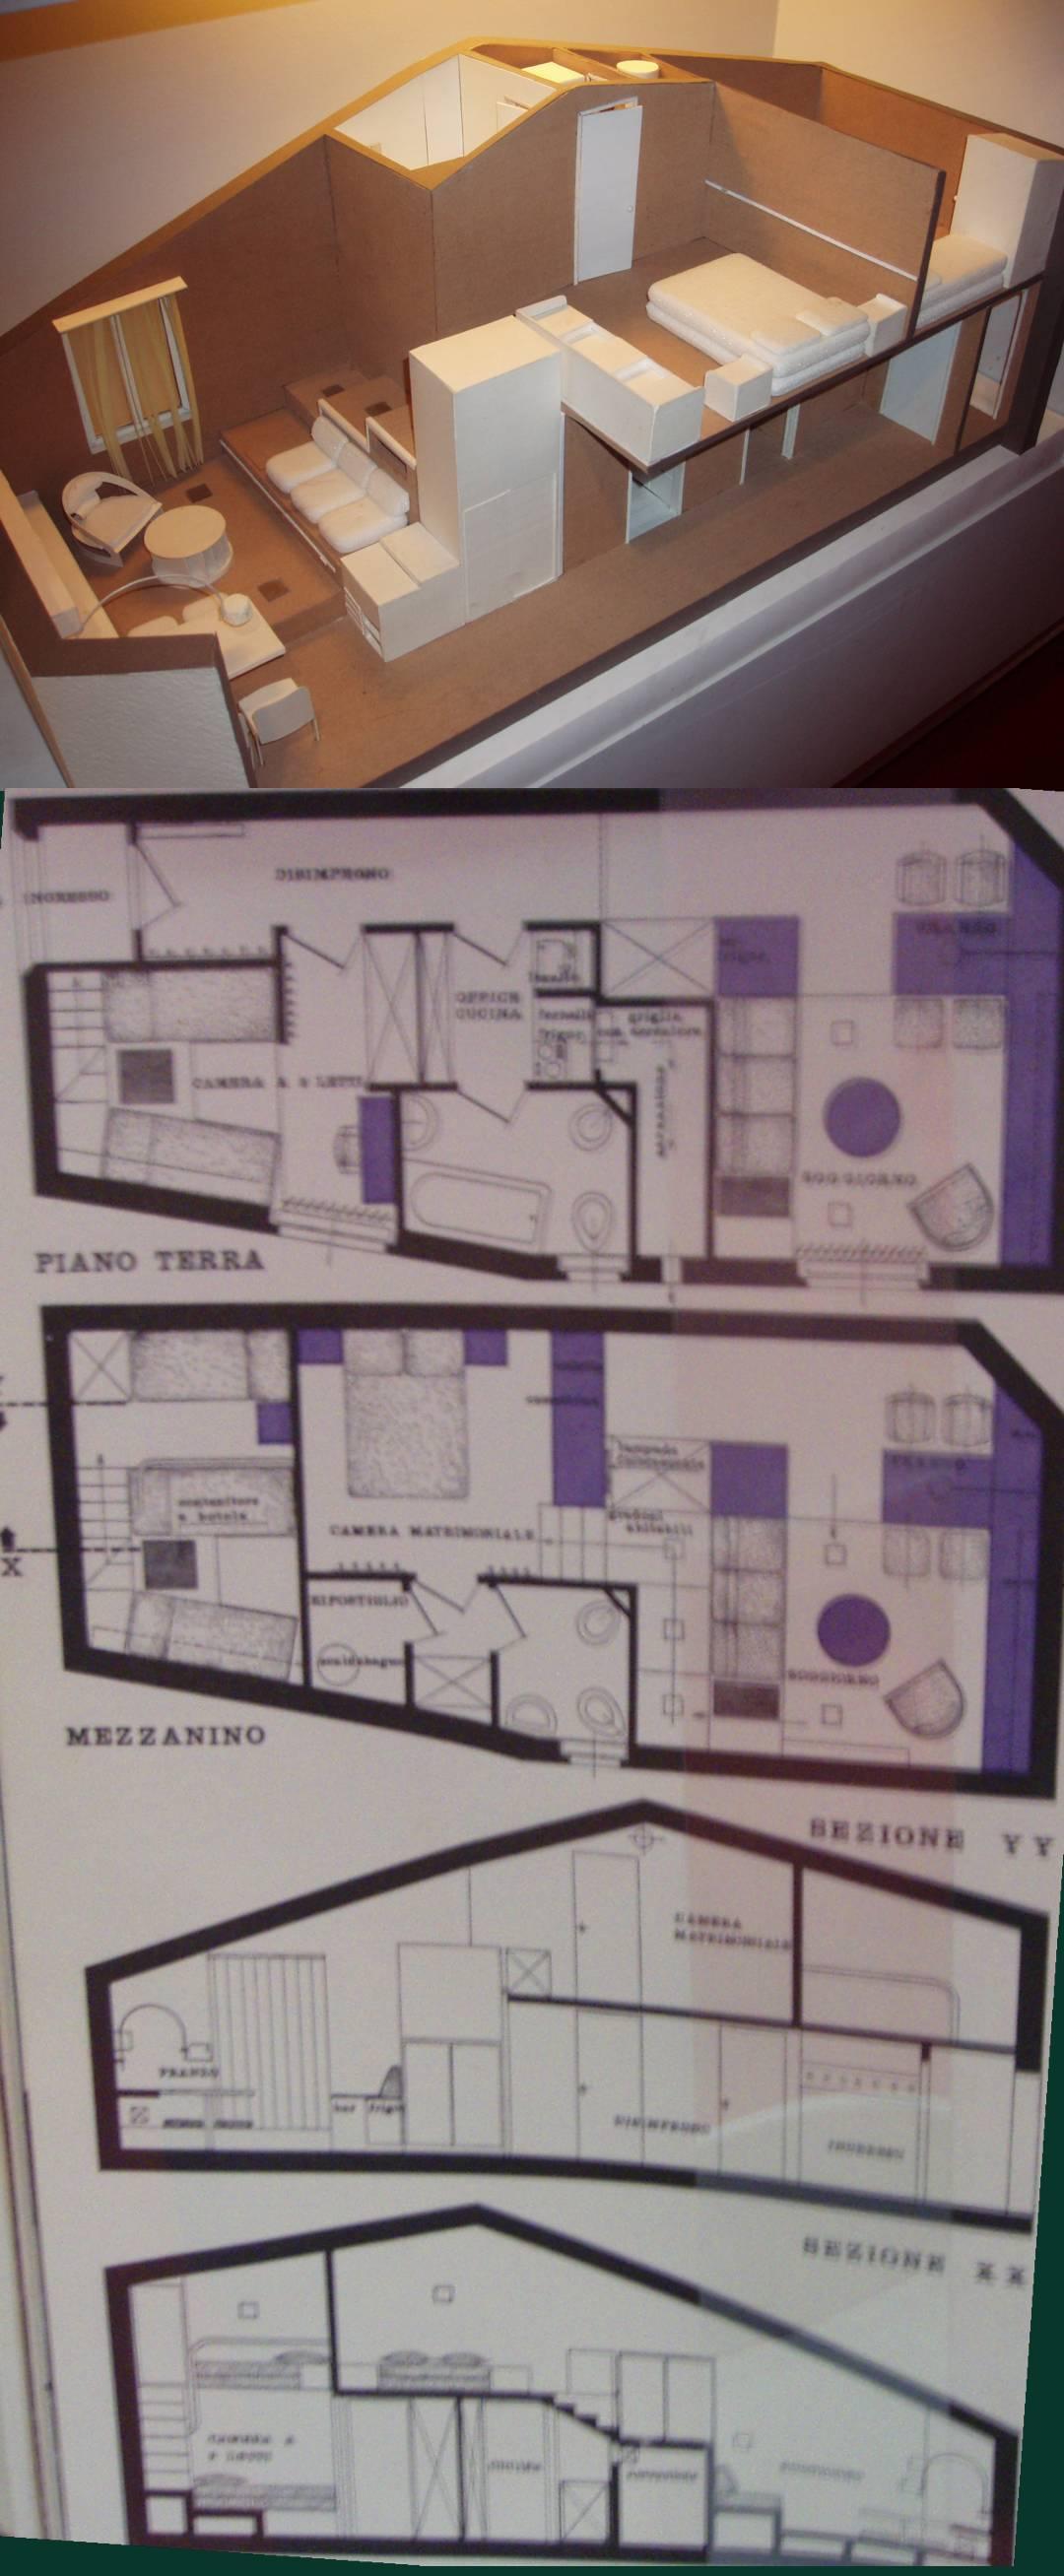 Espace ilyatoo - Appartement en duplex abraham architects ...